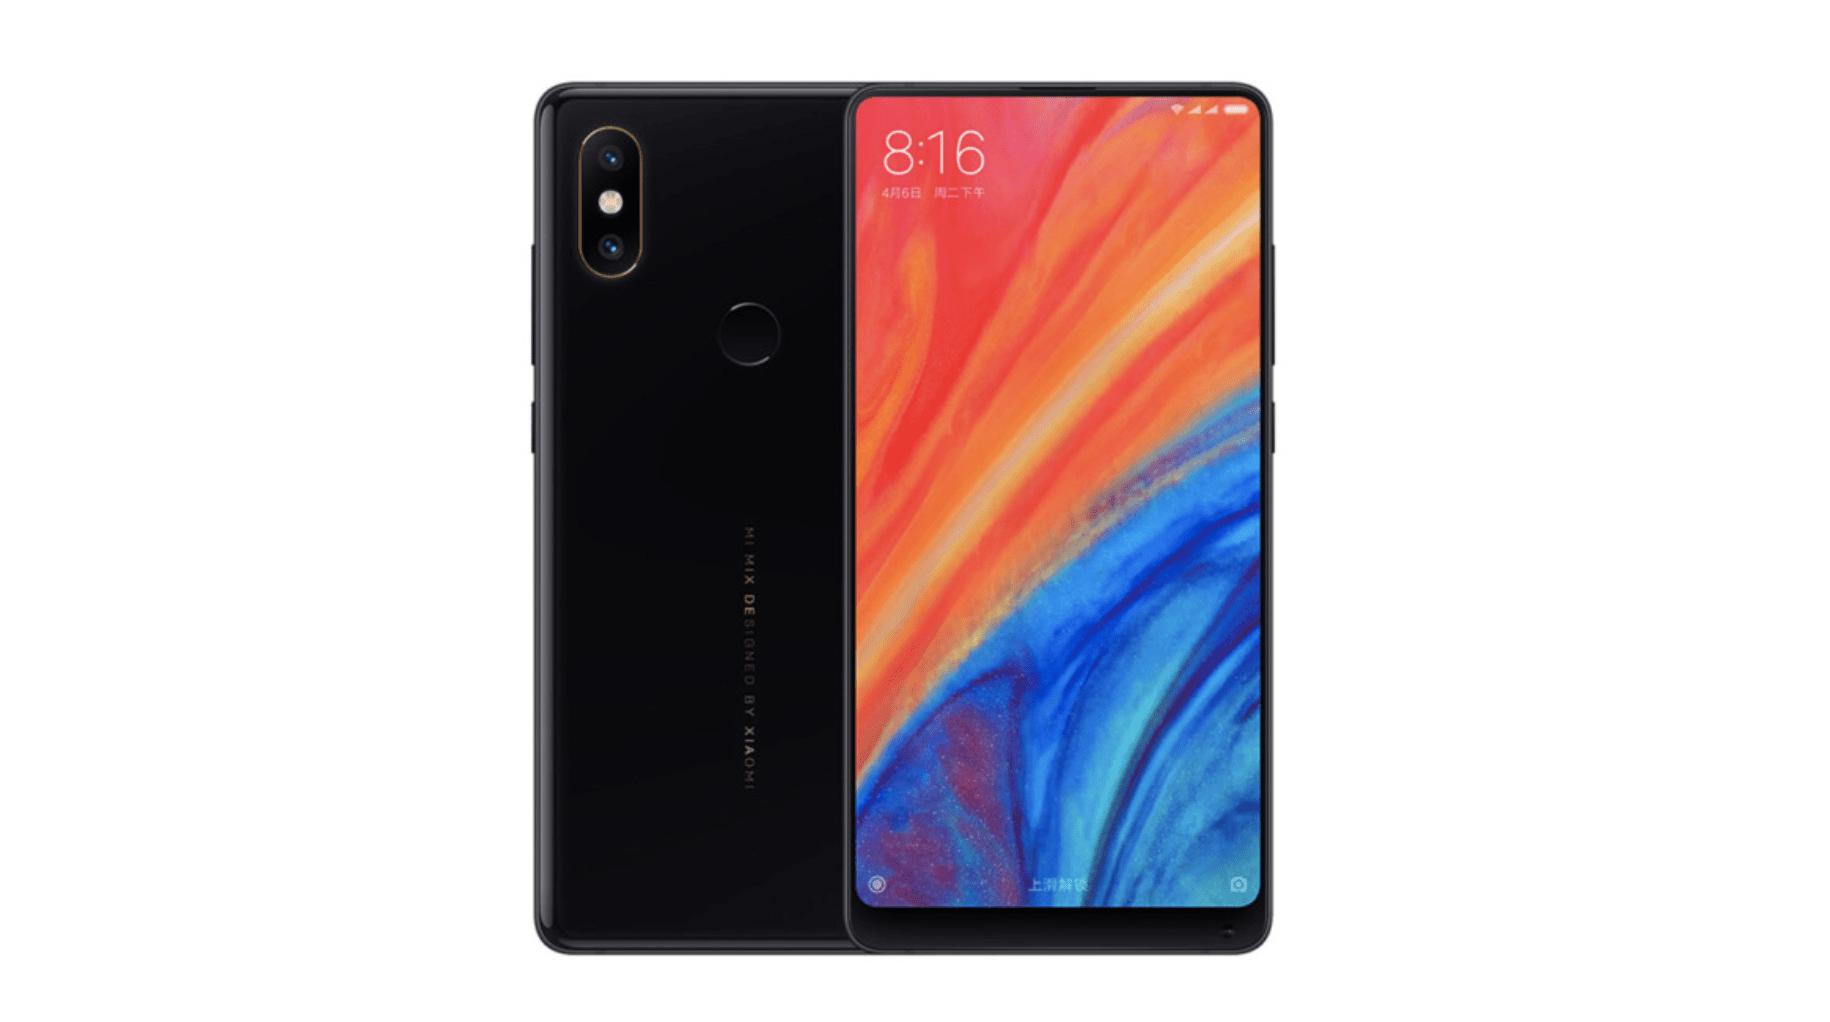 🔥 Bon plan : le Xiaomi Mi Mix 2S dans sa version globale à 339 euros